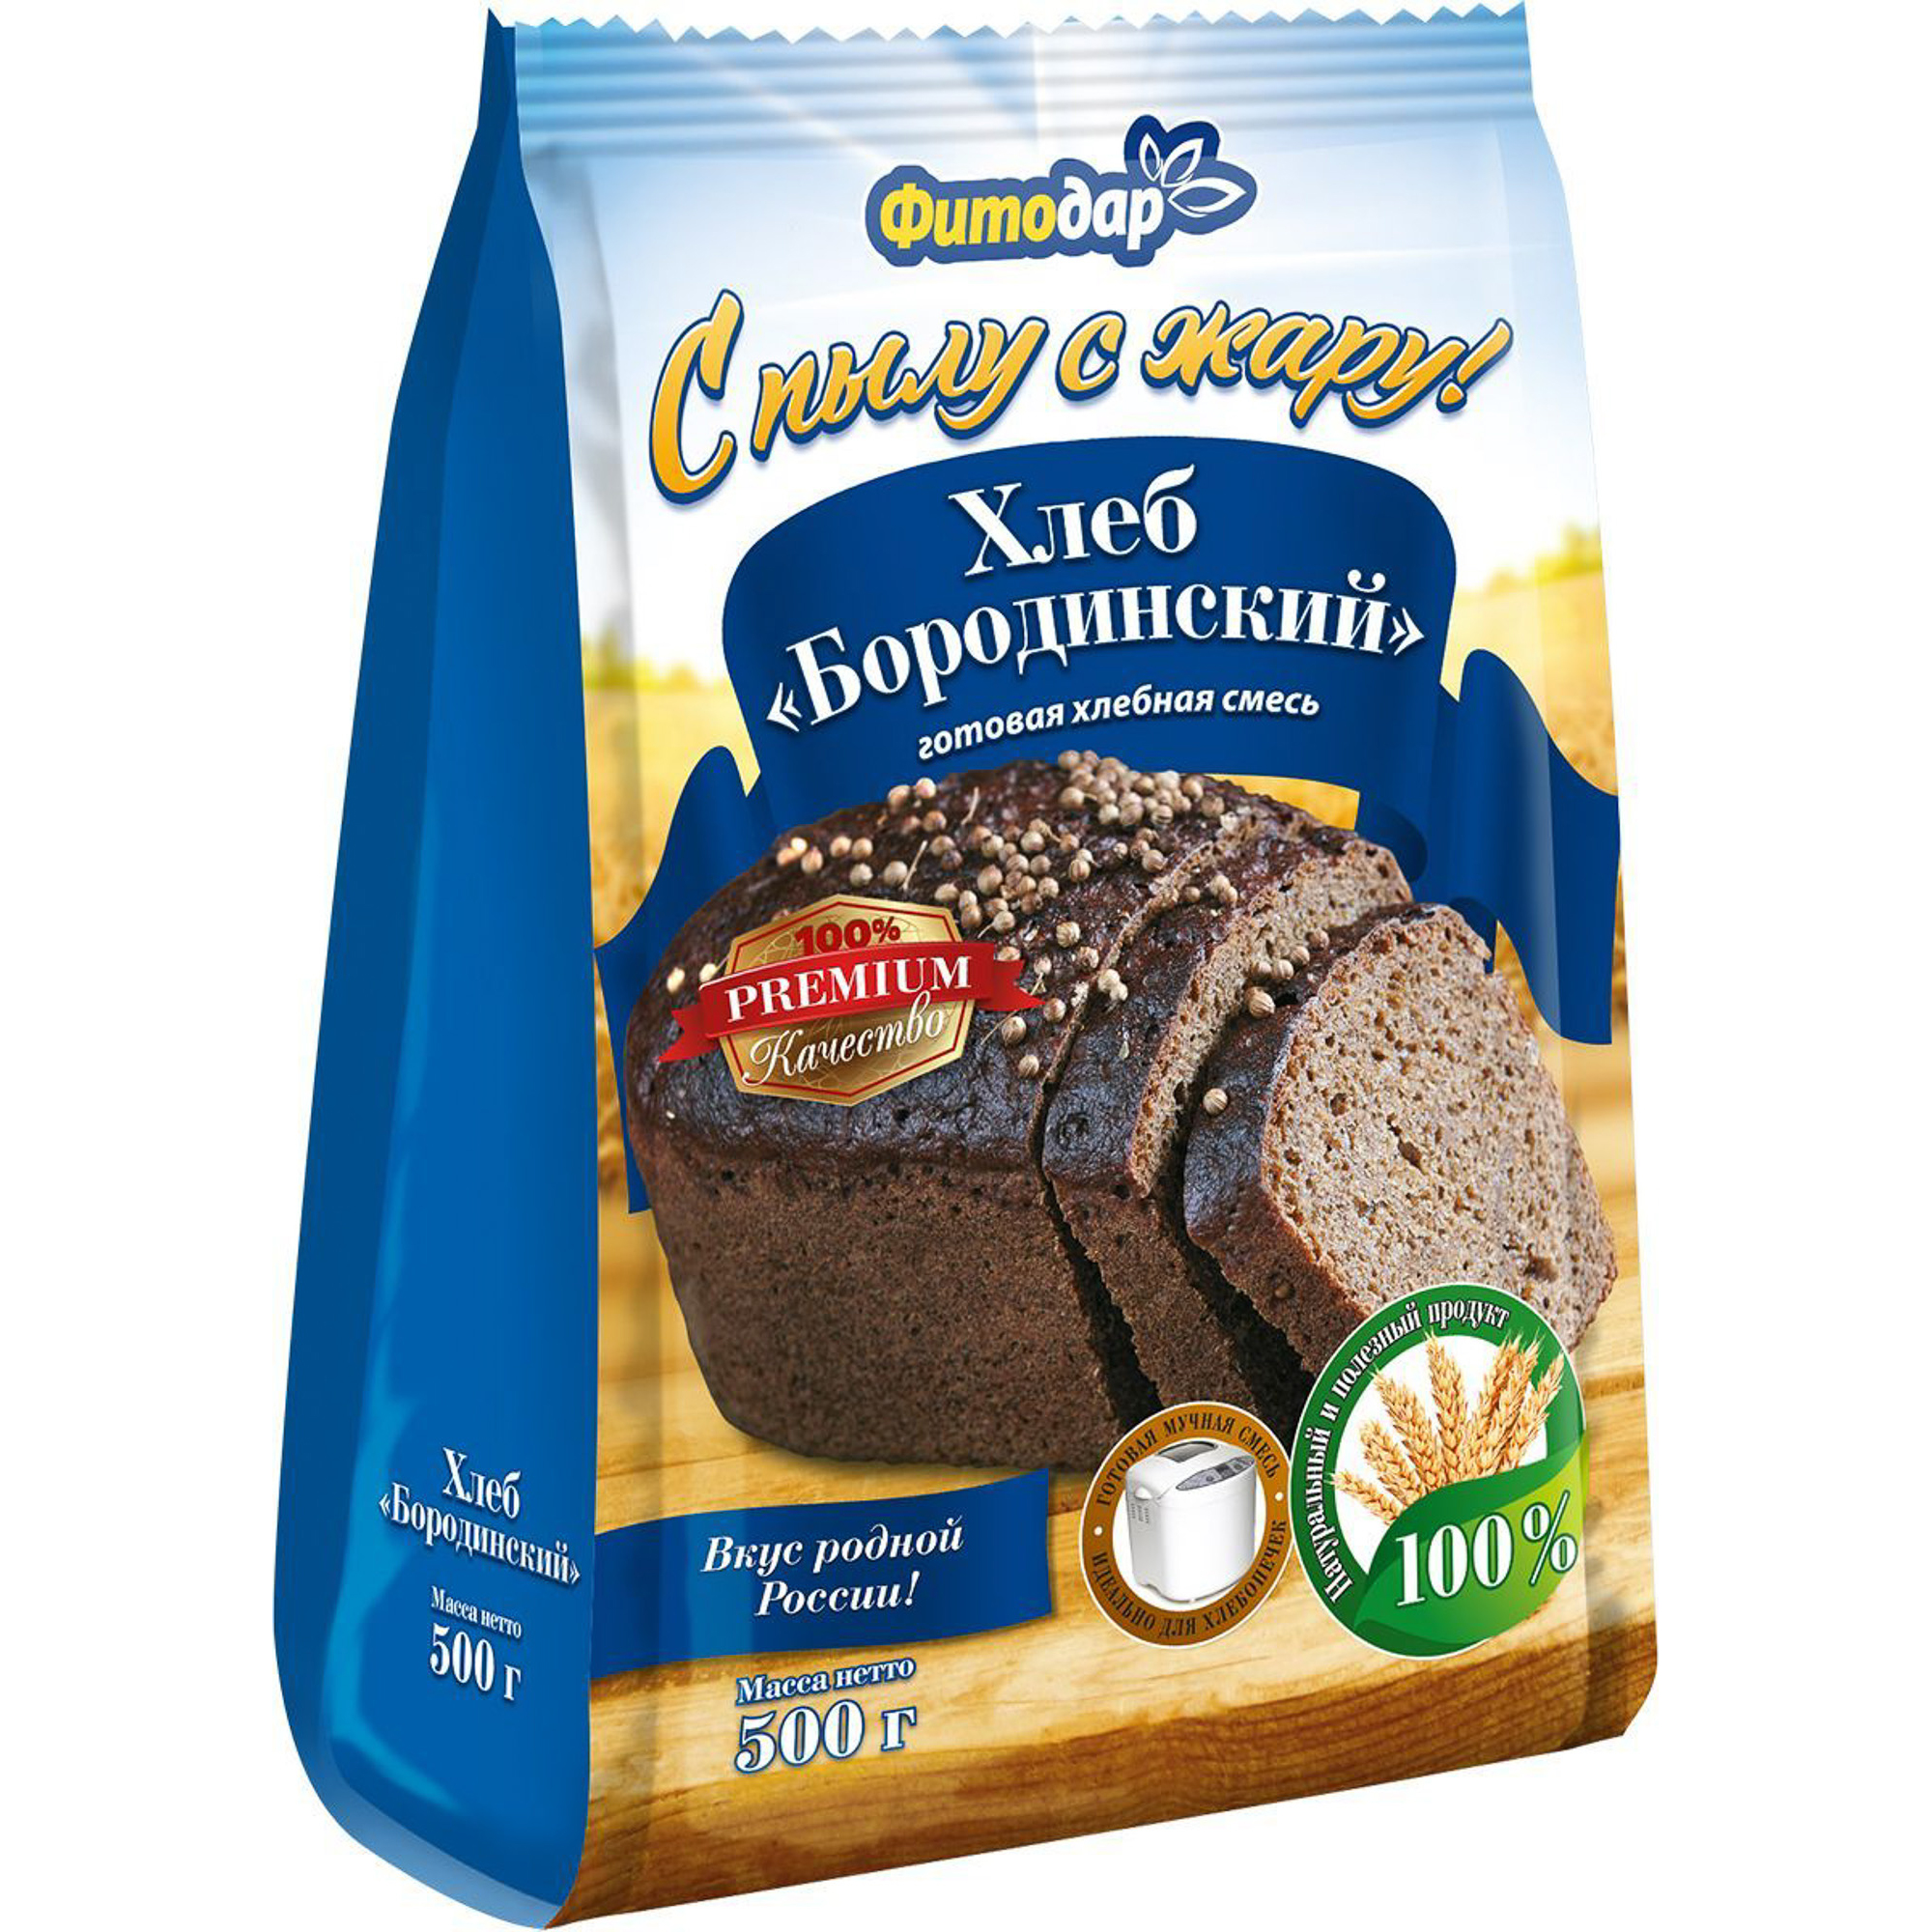 Фото - Хлебная смесь Фитодар хлеб бородинский 500 г хлеб черемушки бородинский нарезка 390 г